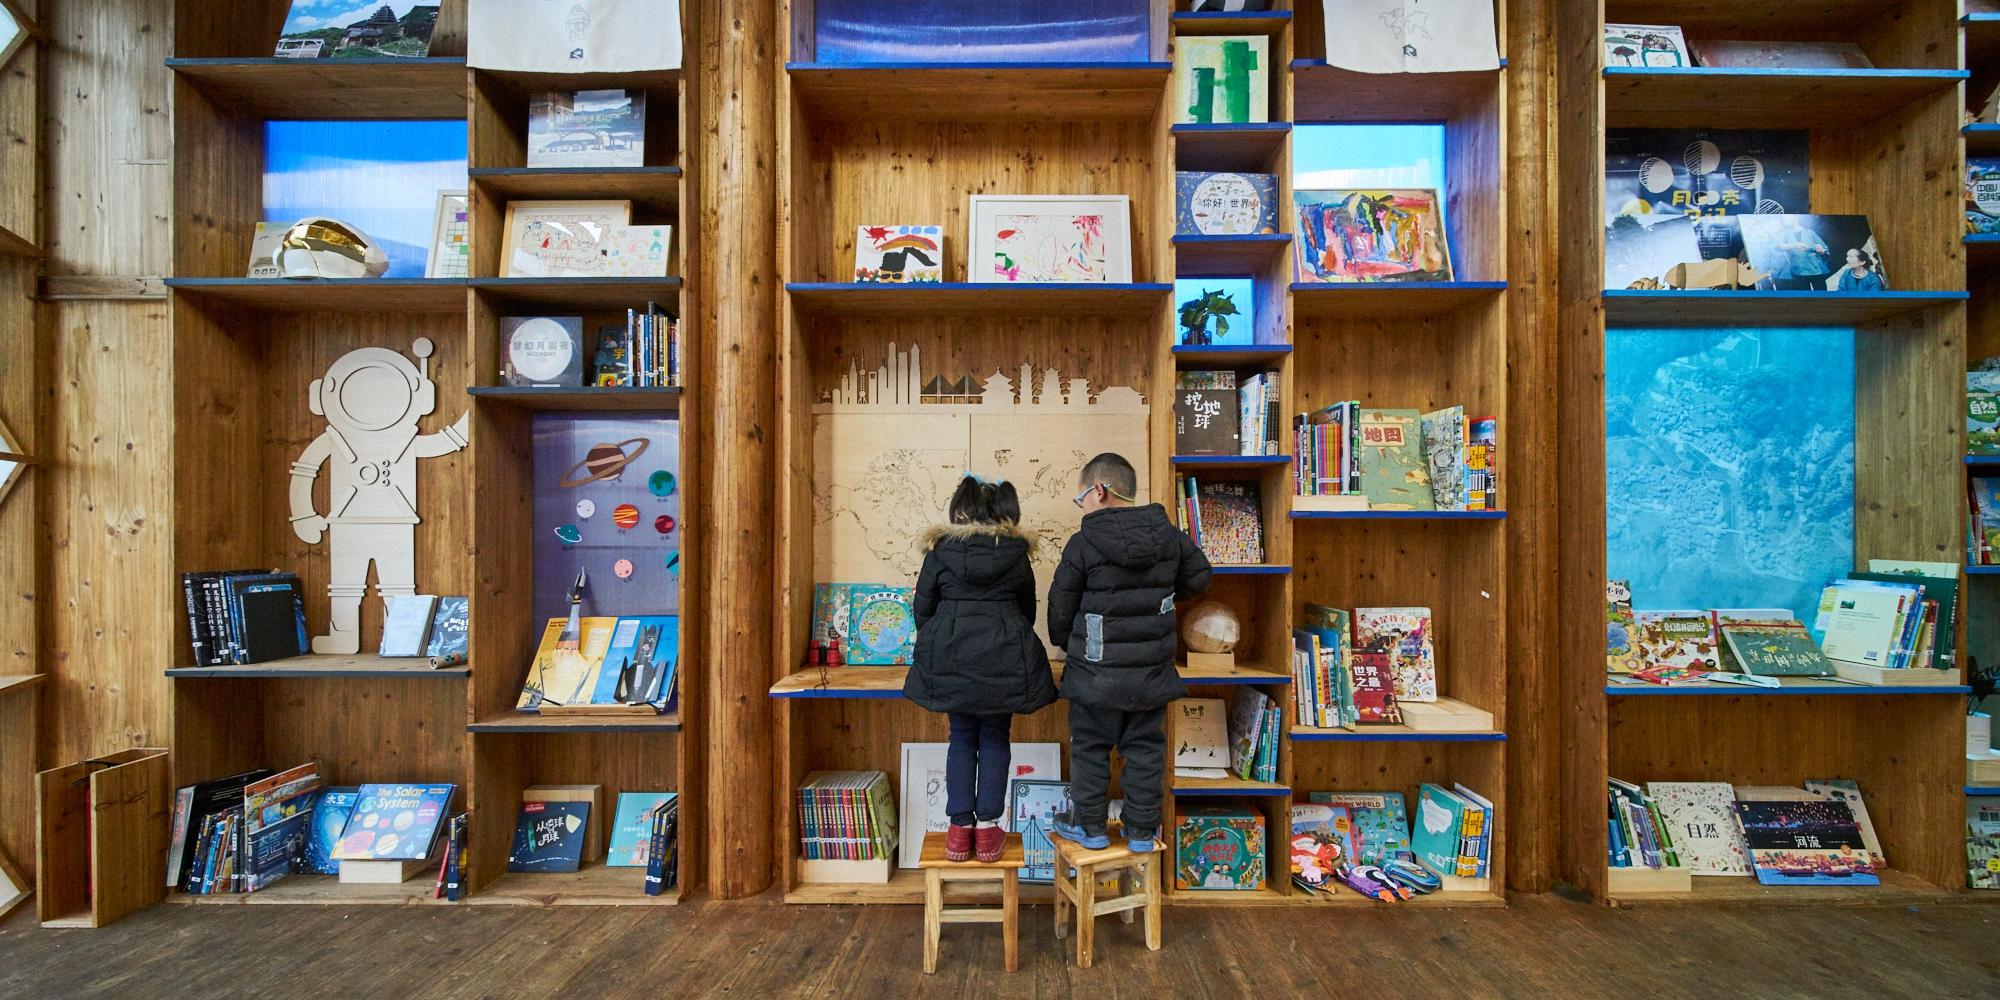 與一般圖書館鼓勵靜態閱讀不同,書屋加入趣味和互動元素,希望吸引孩子聚集。